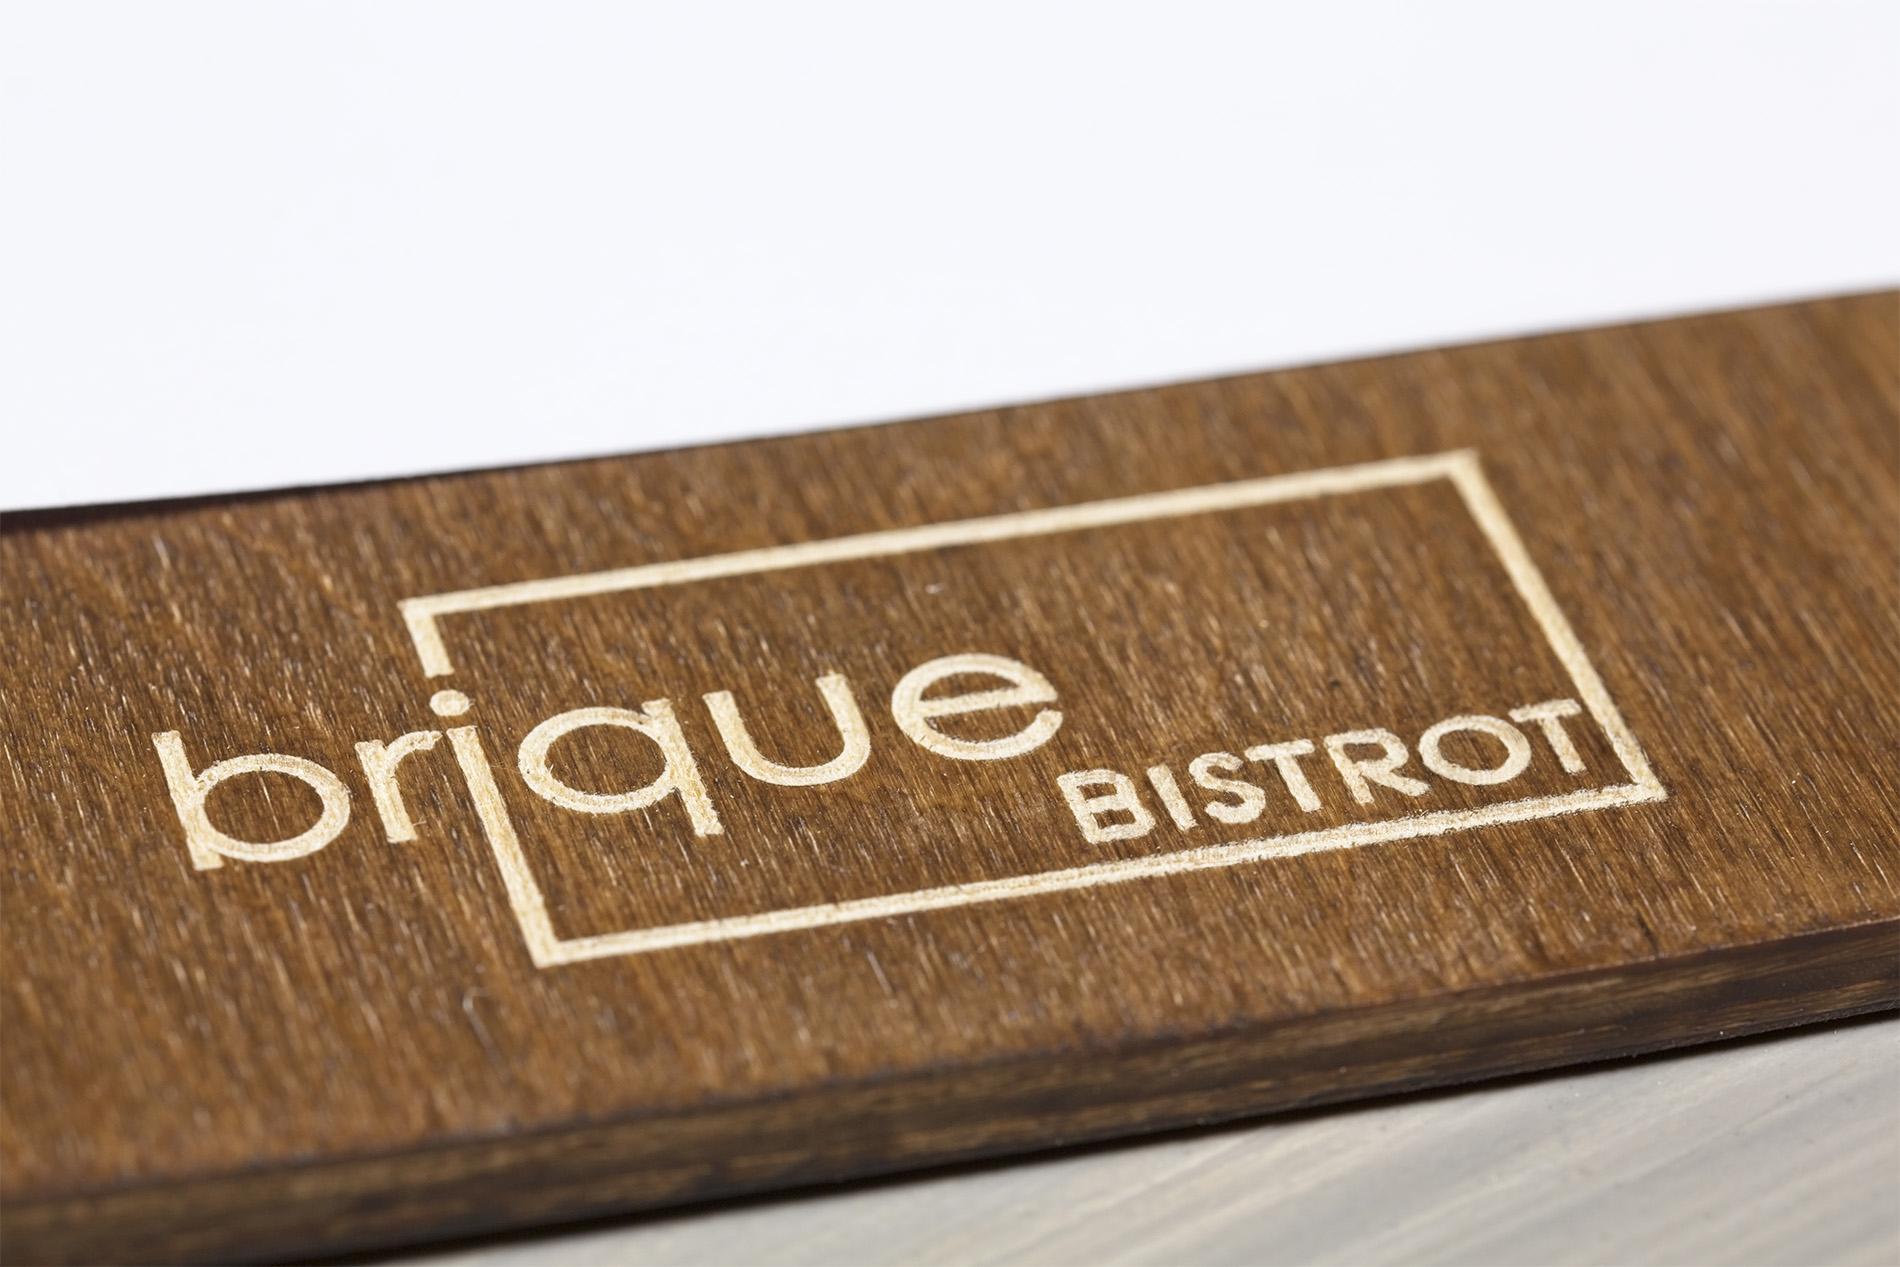 Portamenu Capo Gallo Brique Bistrot Dettaglio Logo Inciso